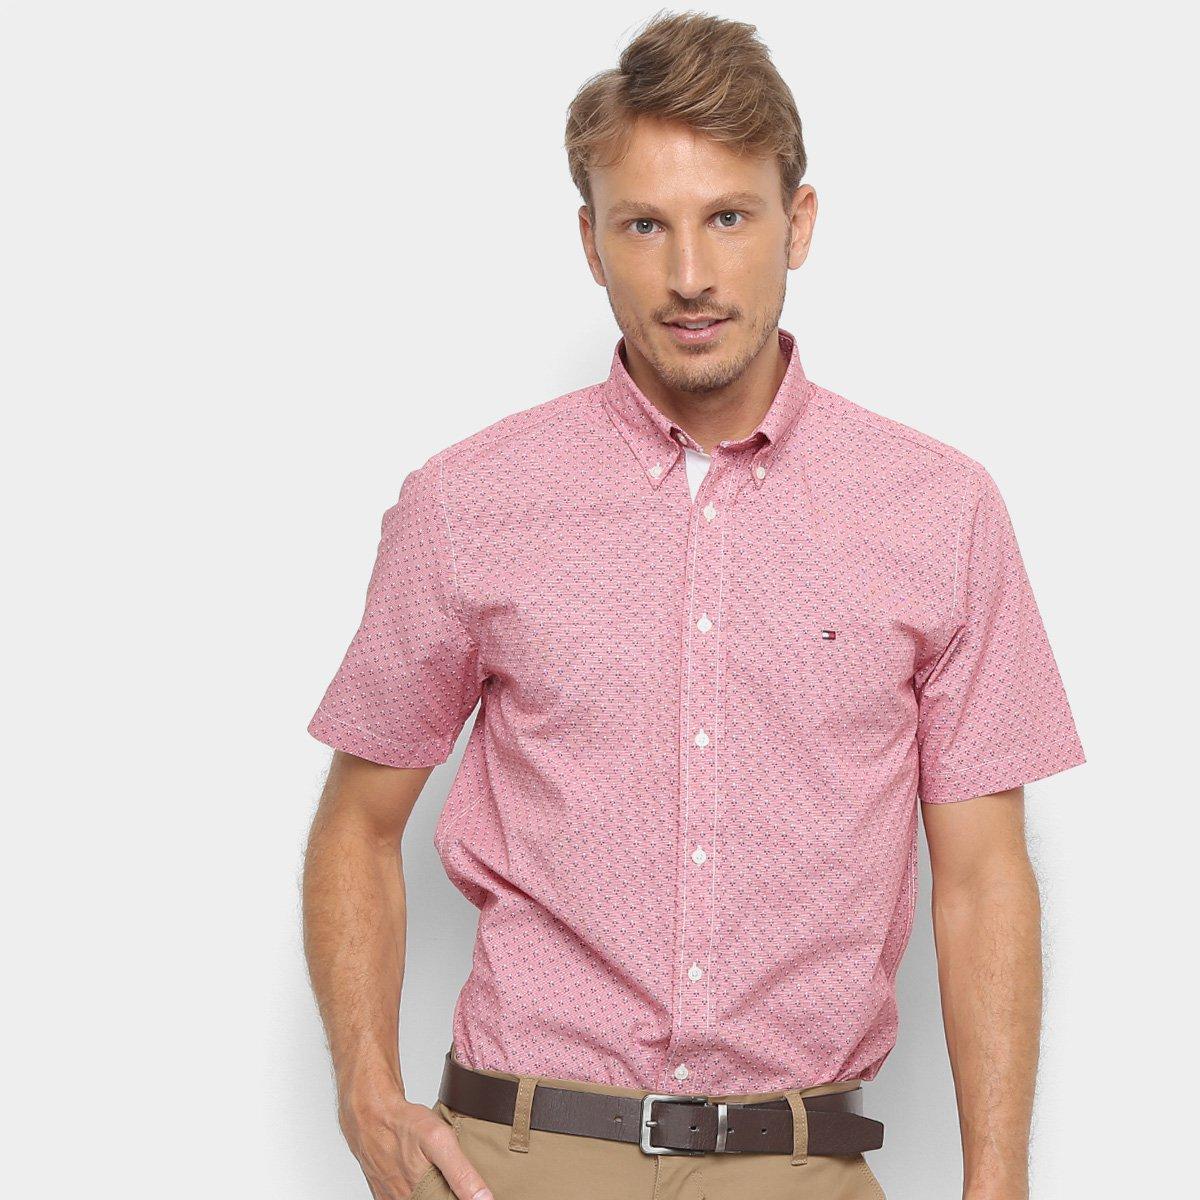 Foto 1 - Camisa Tommy Hilfiger EC Printed Houndstoo Masculina